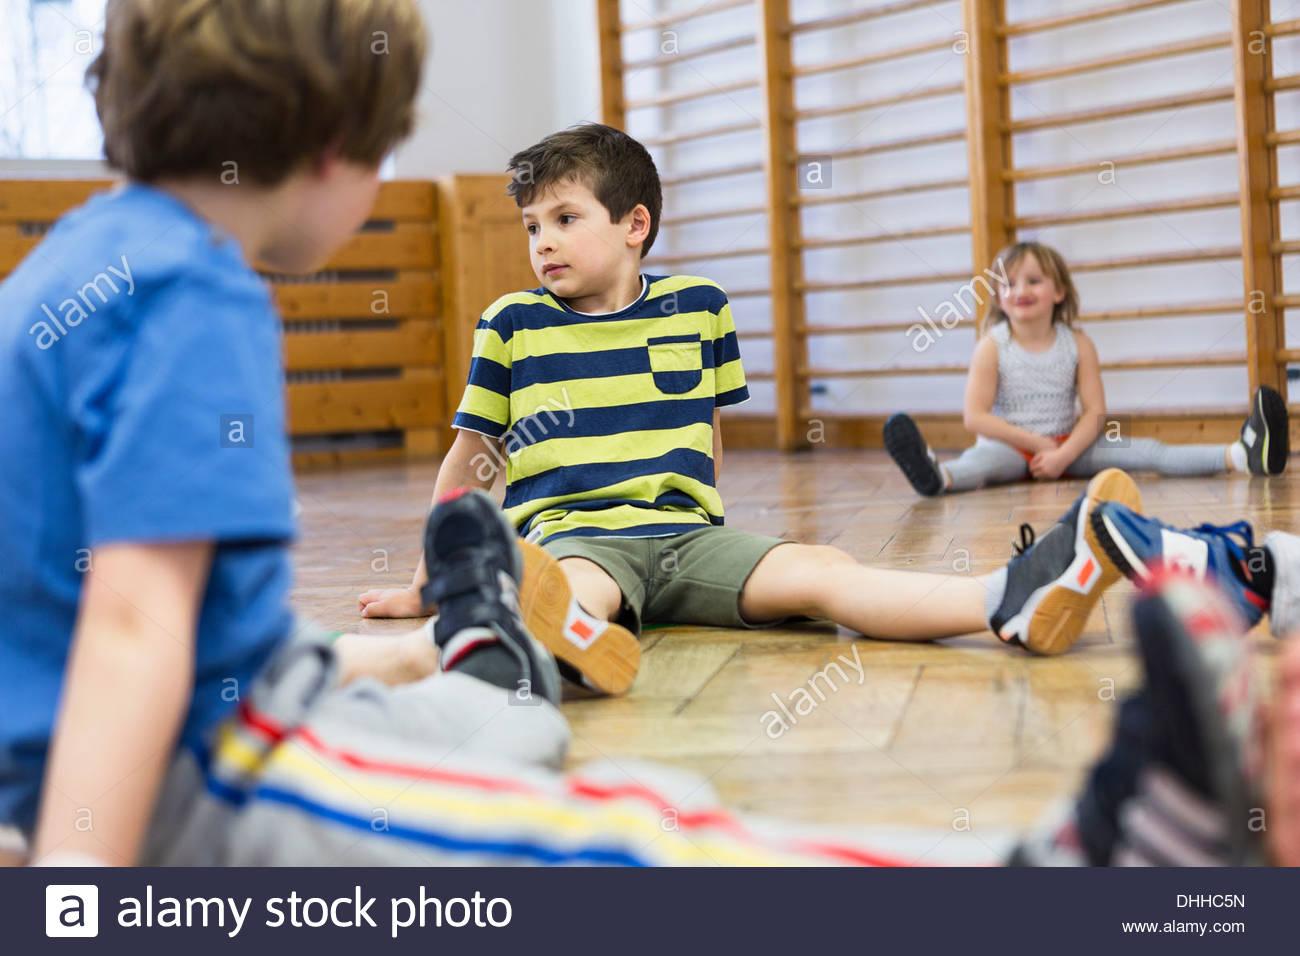 Bambini seduti sul pavimento di legno, gambe divaricate Immagini Stock